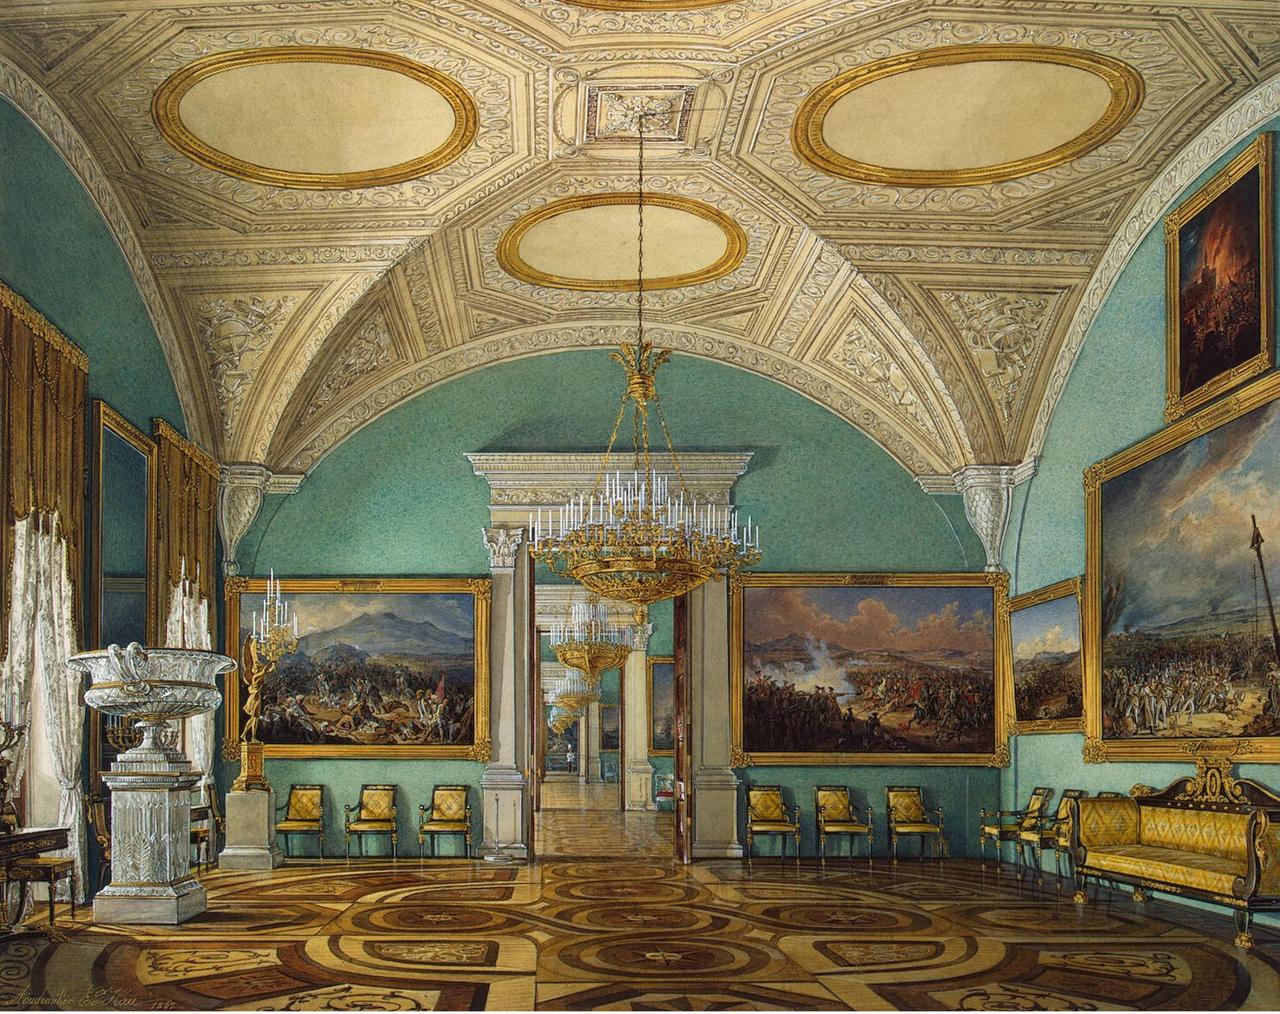 Интерьеры Зимнего дворца. Пятый зал Военной галереи